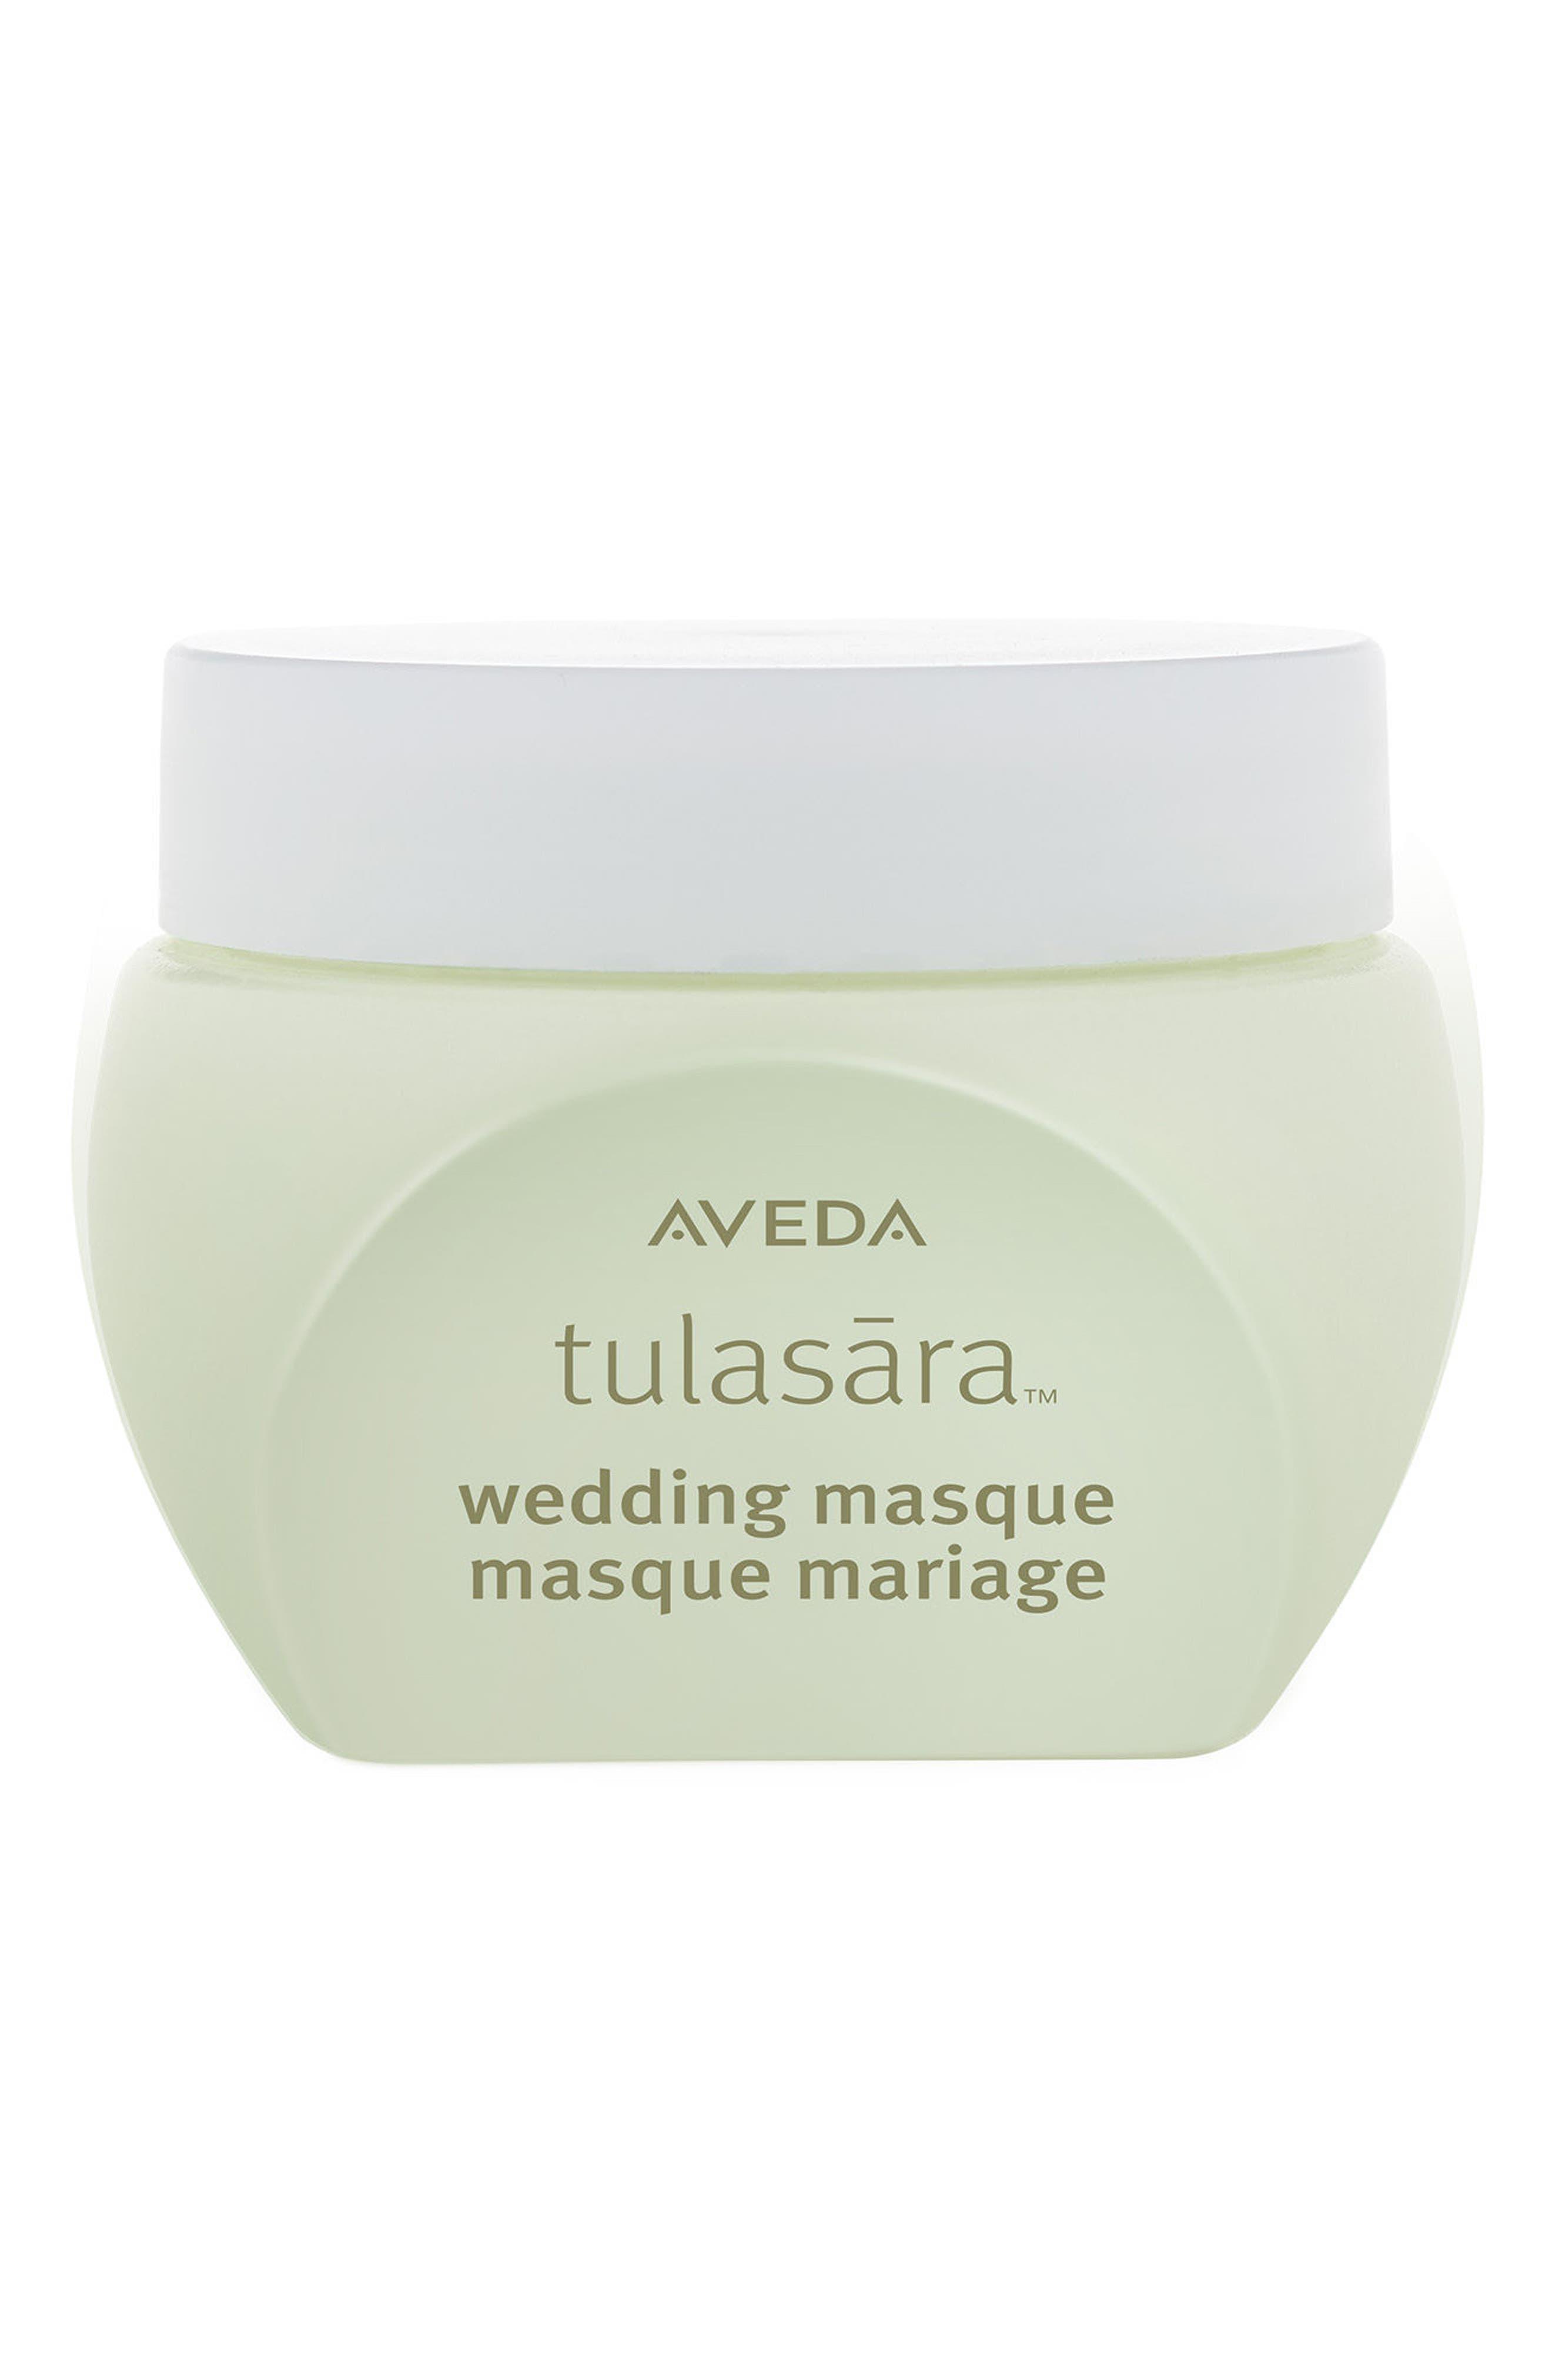 tulasara<sup>™</sup> Wedding Masque Overnight,                         Main,                         color, No Color